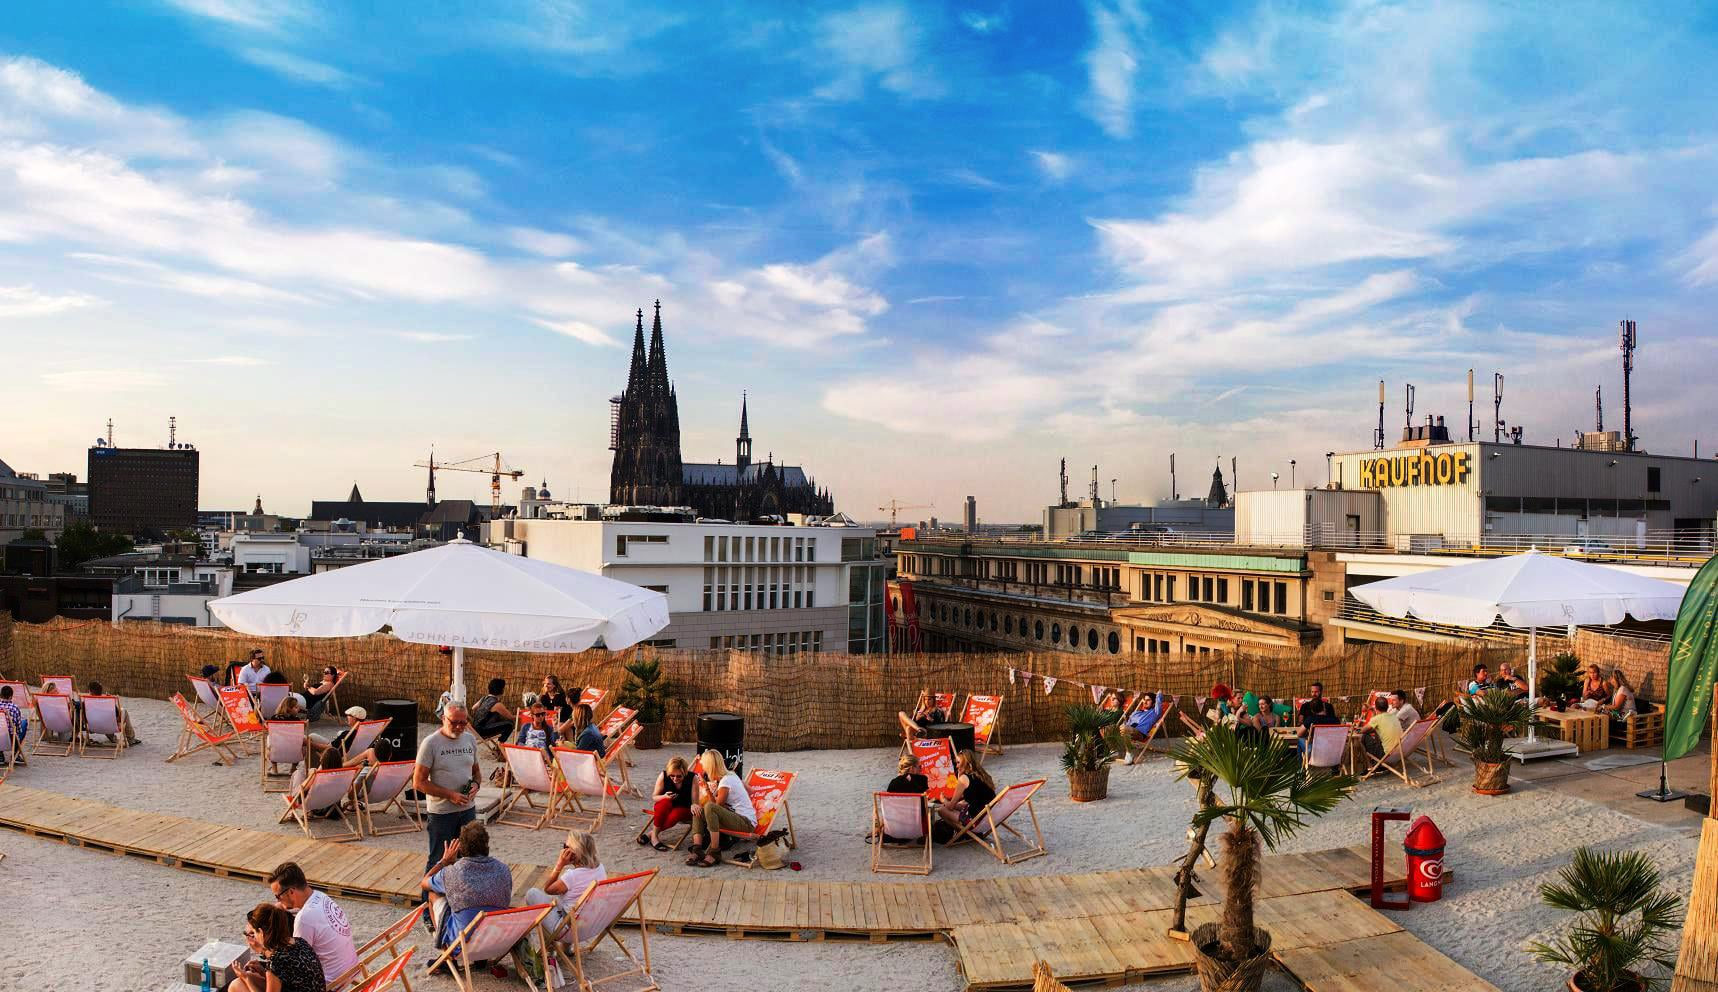 Mit einem atemberaubenden Blick direkt auf den Dom und das Kölner Stadtpanorama darf man hier – bei einem coolen Sundowner auf Kölns höchster Beachbar – Urlaubsfeeling mitten in der City genießen! copyright: SonnenscheinEtage